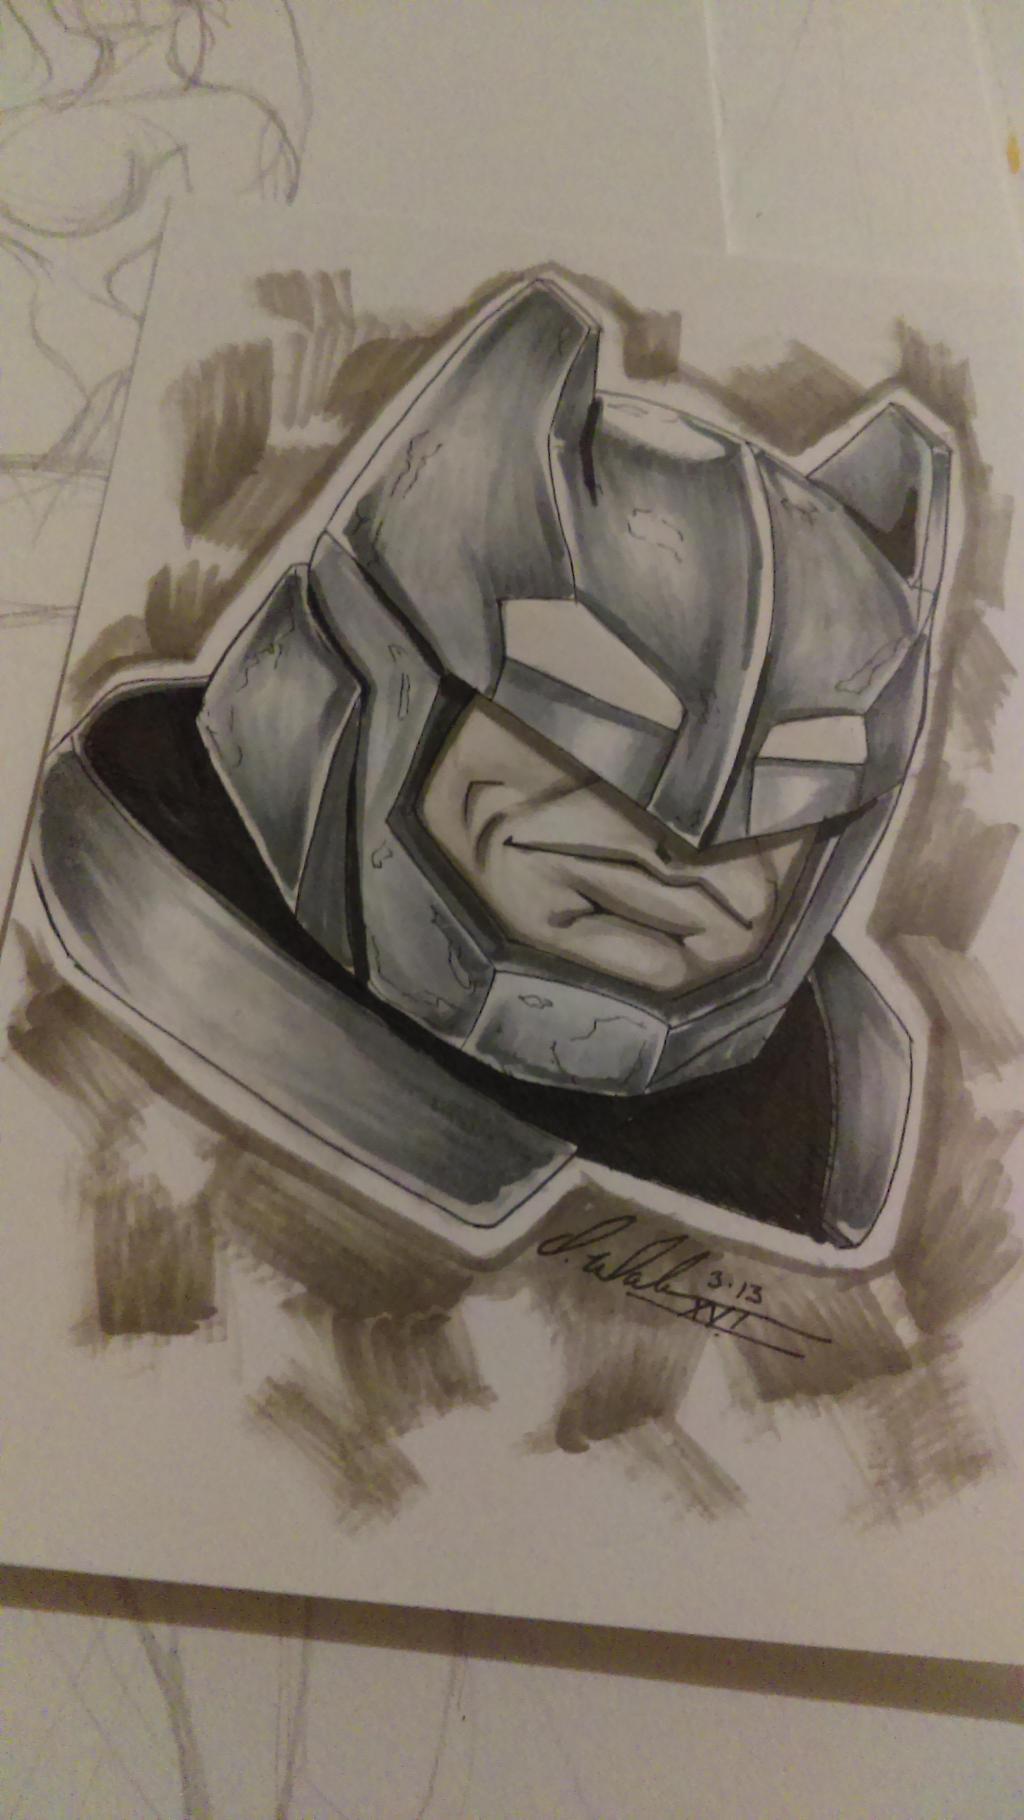 Armored Batman Head sketch by IanDWalker